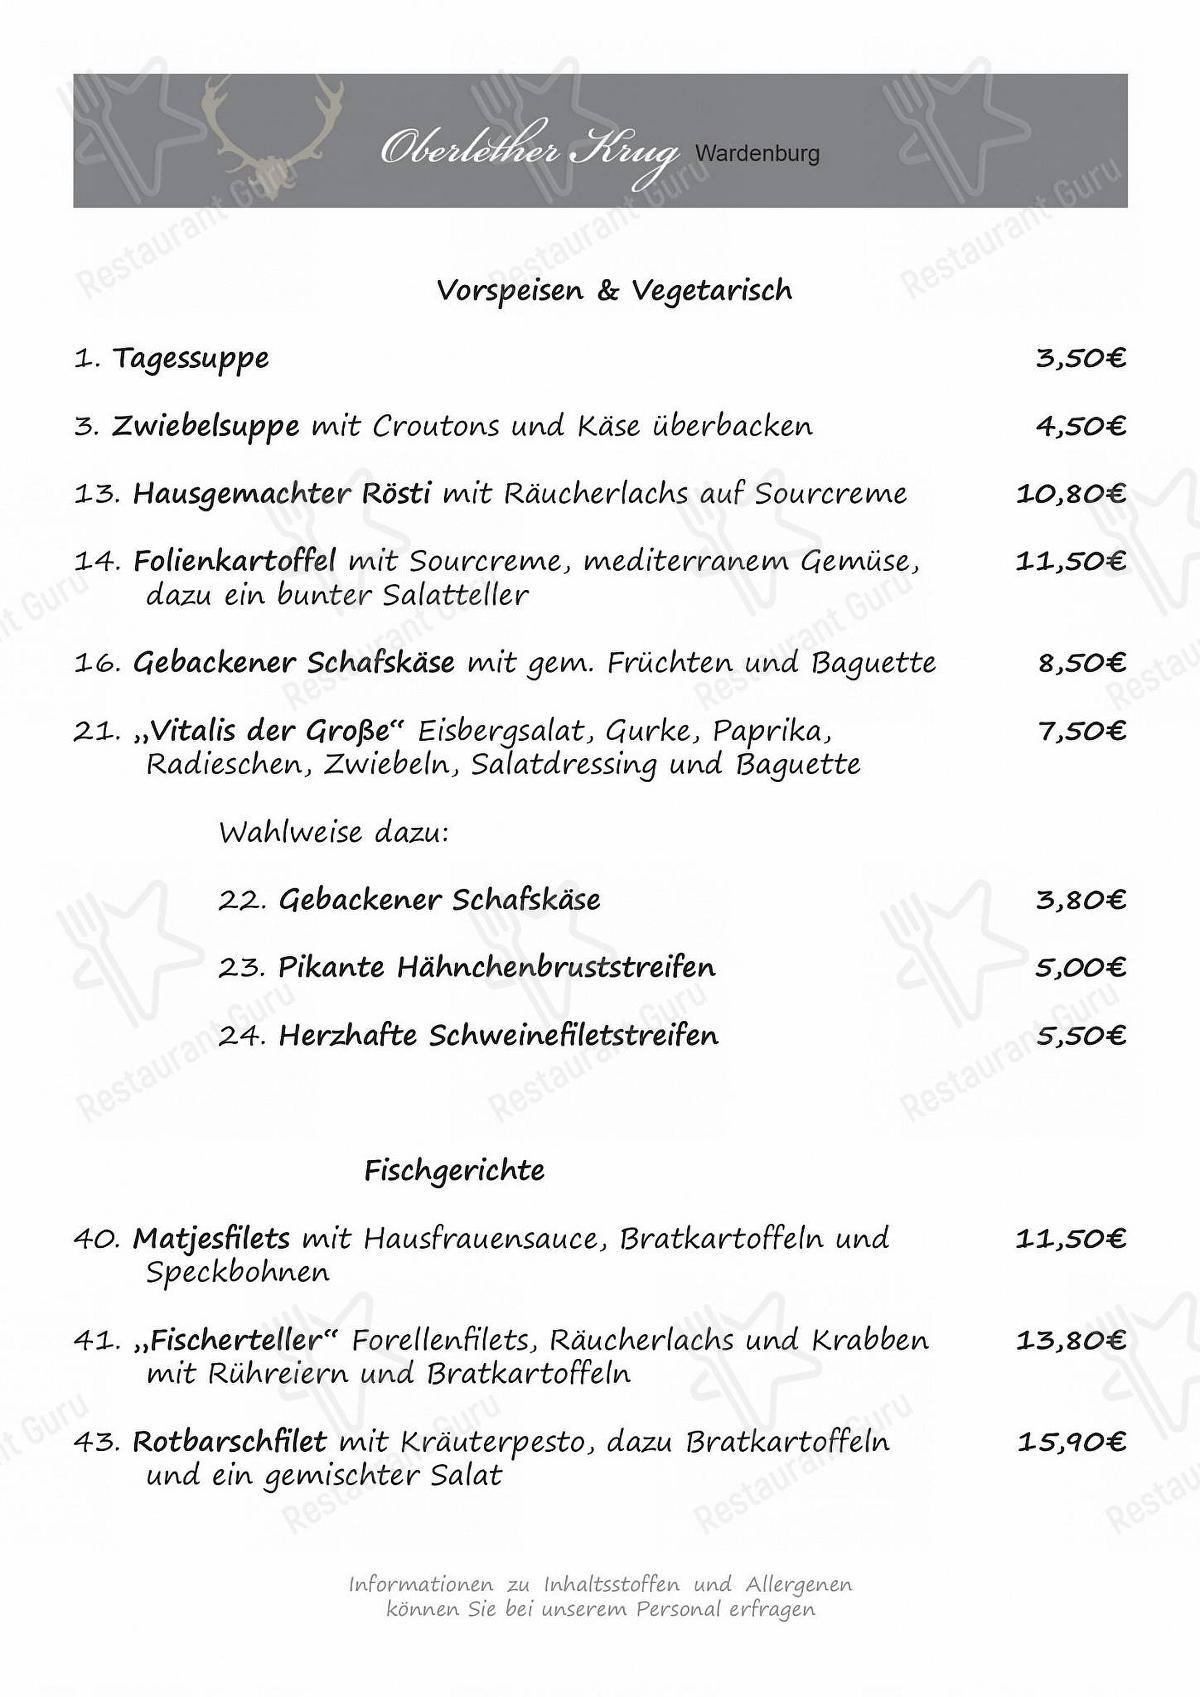 Oberlether Krug Speisekarte